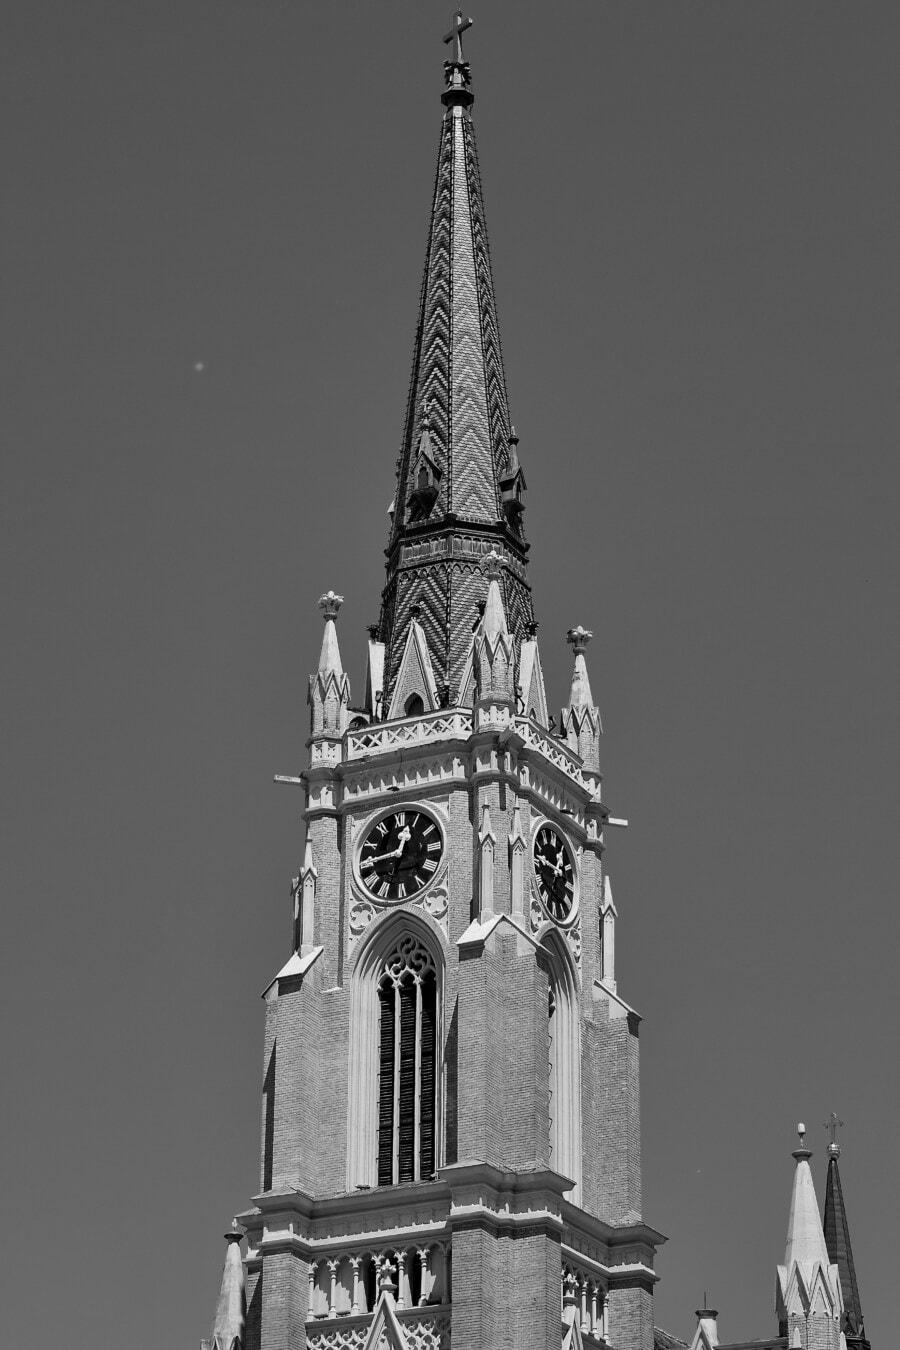 Kirche, gotisch, Kirchturm, Monochrom, schwarz und weiß, Turm, kathedrale, Verkleidung, Uhr, Wahrzeichen